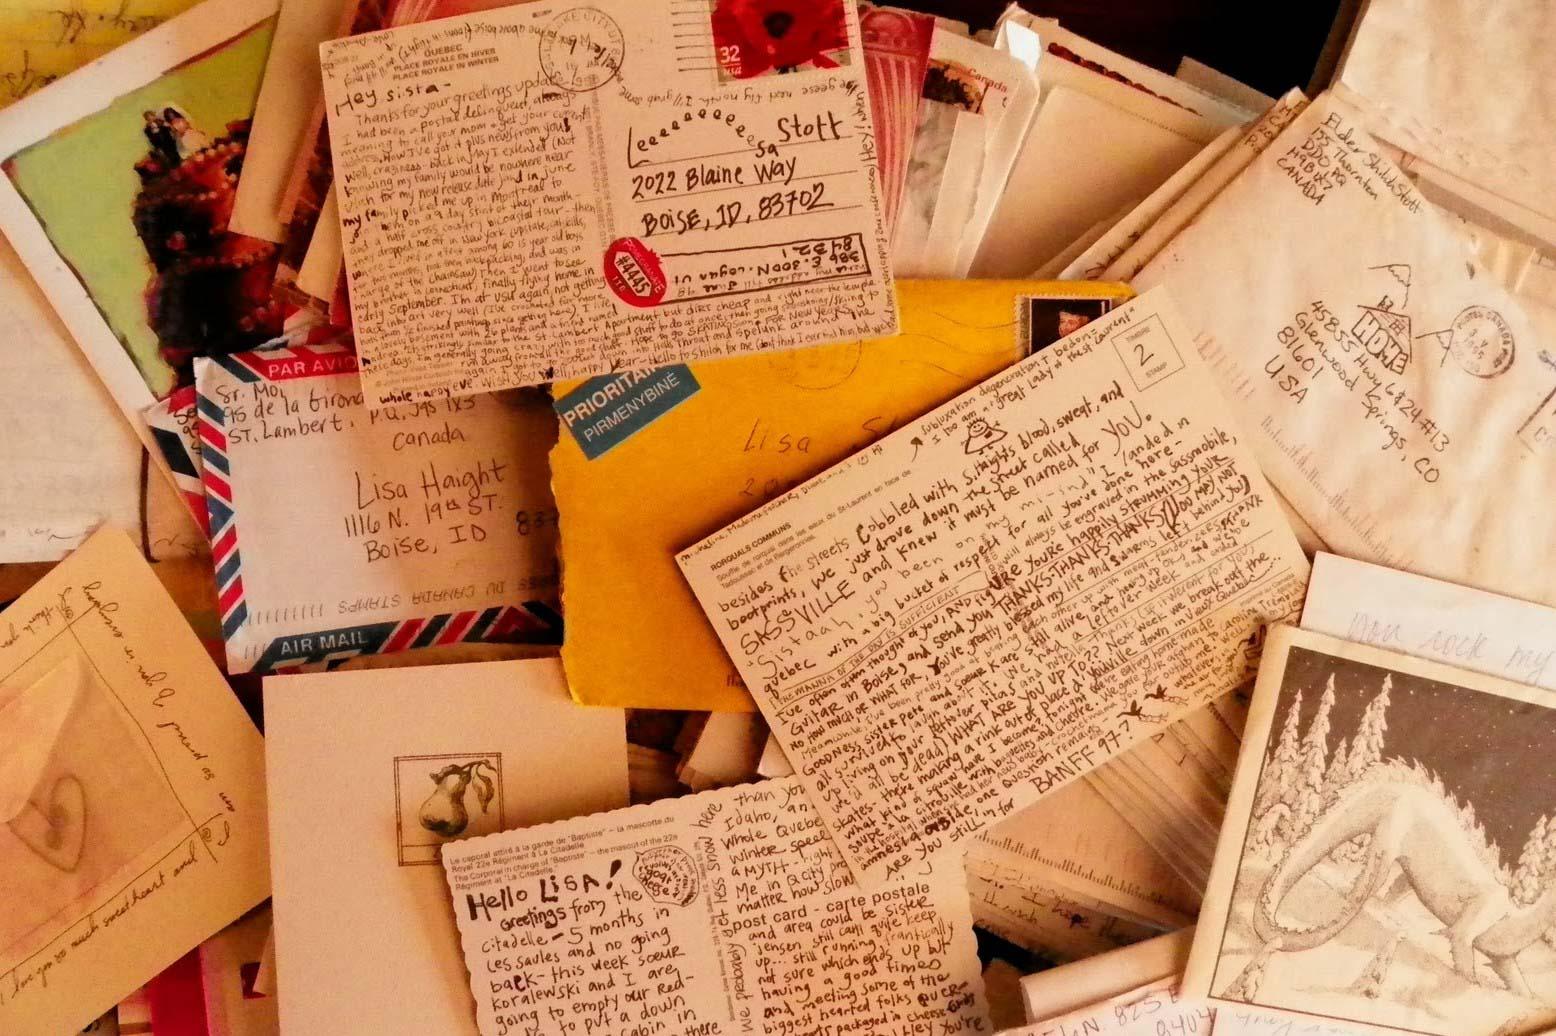 Цьогоріч прикарпатці надіслали більше трьохсот тисяч листів